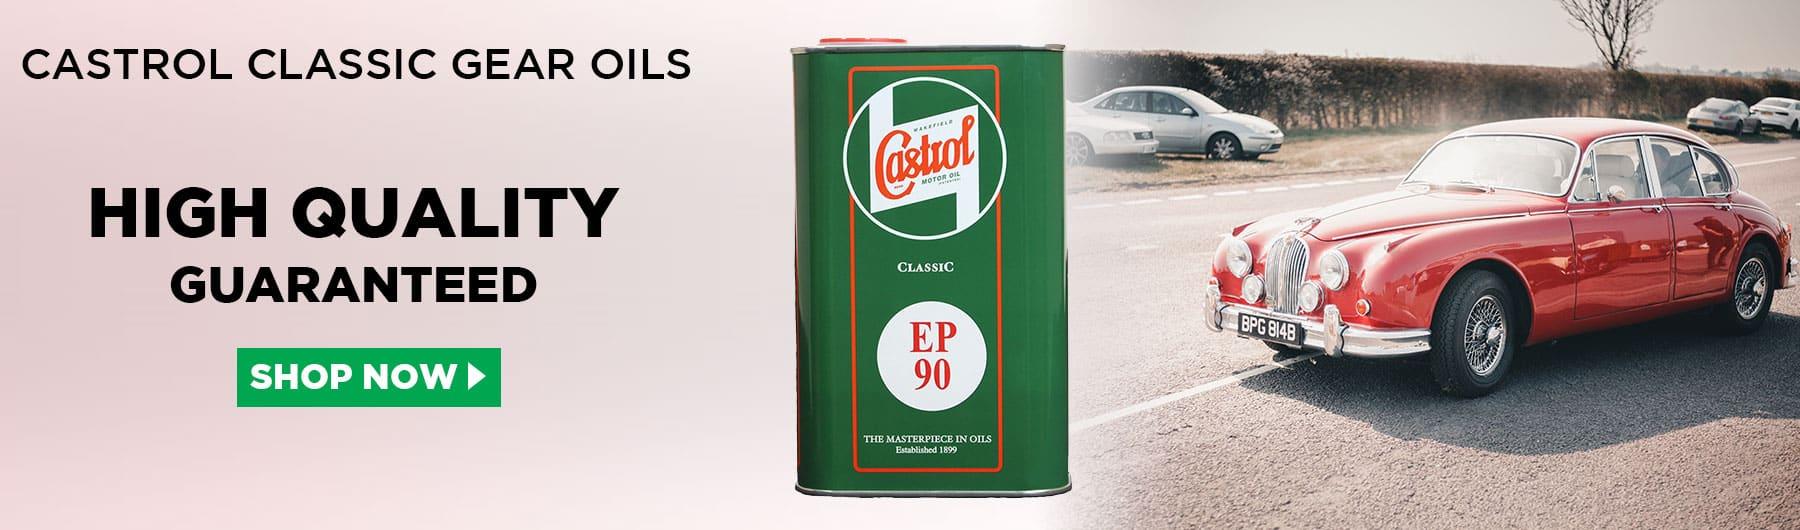 Carrousel-homepage-gear-oils